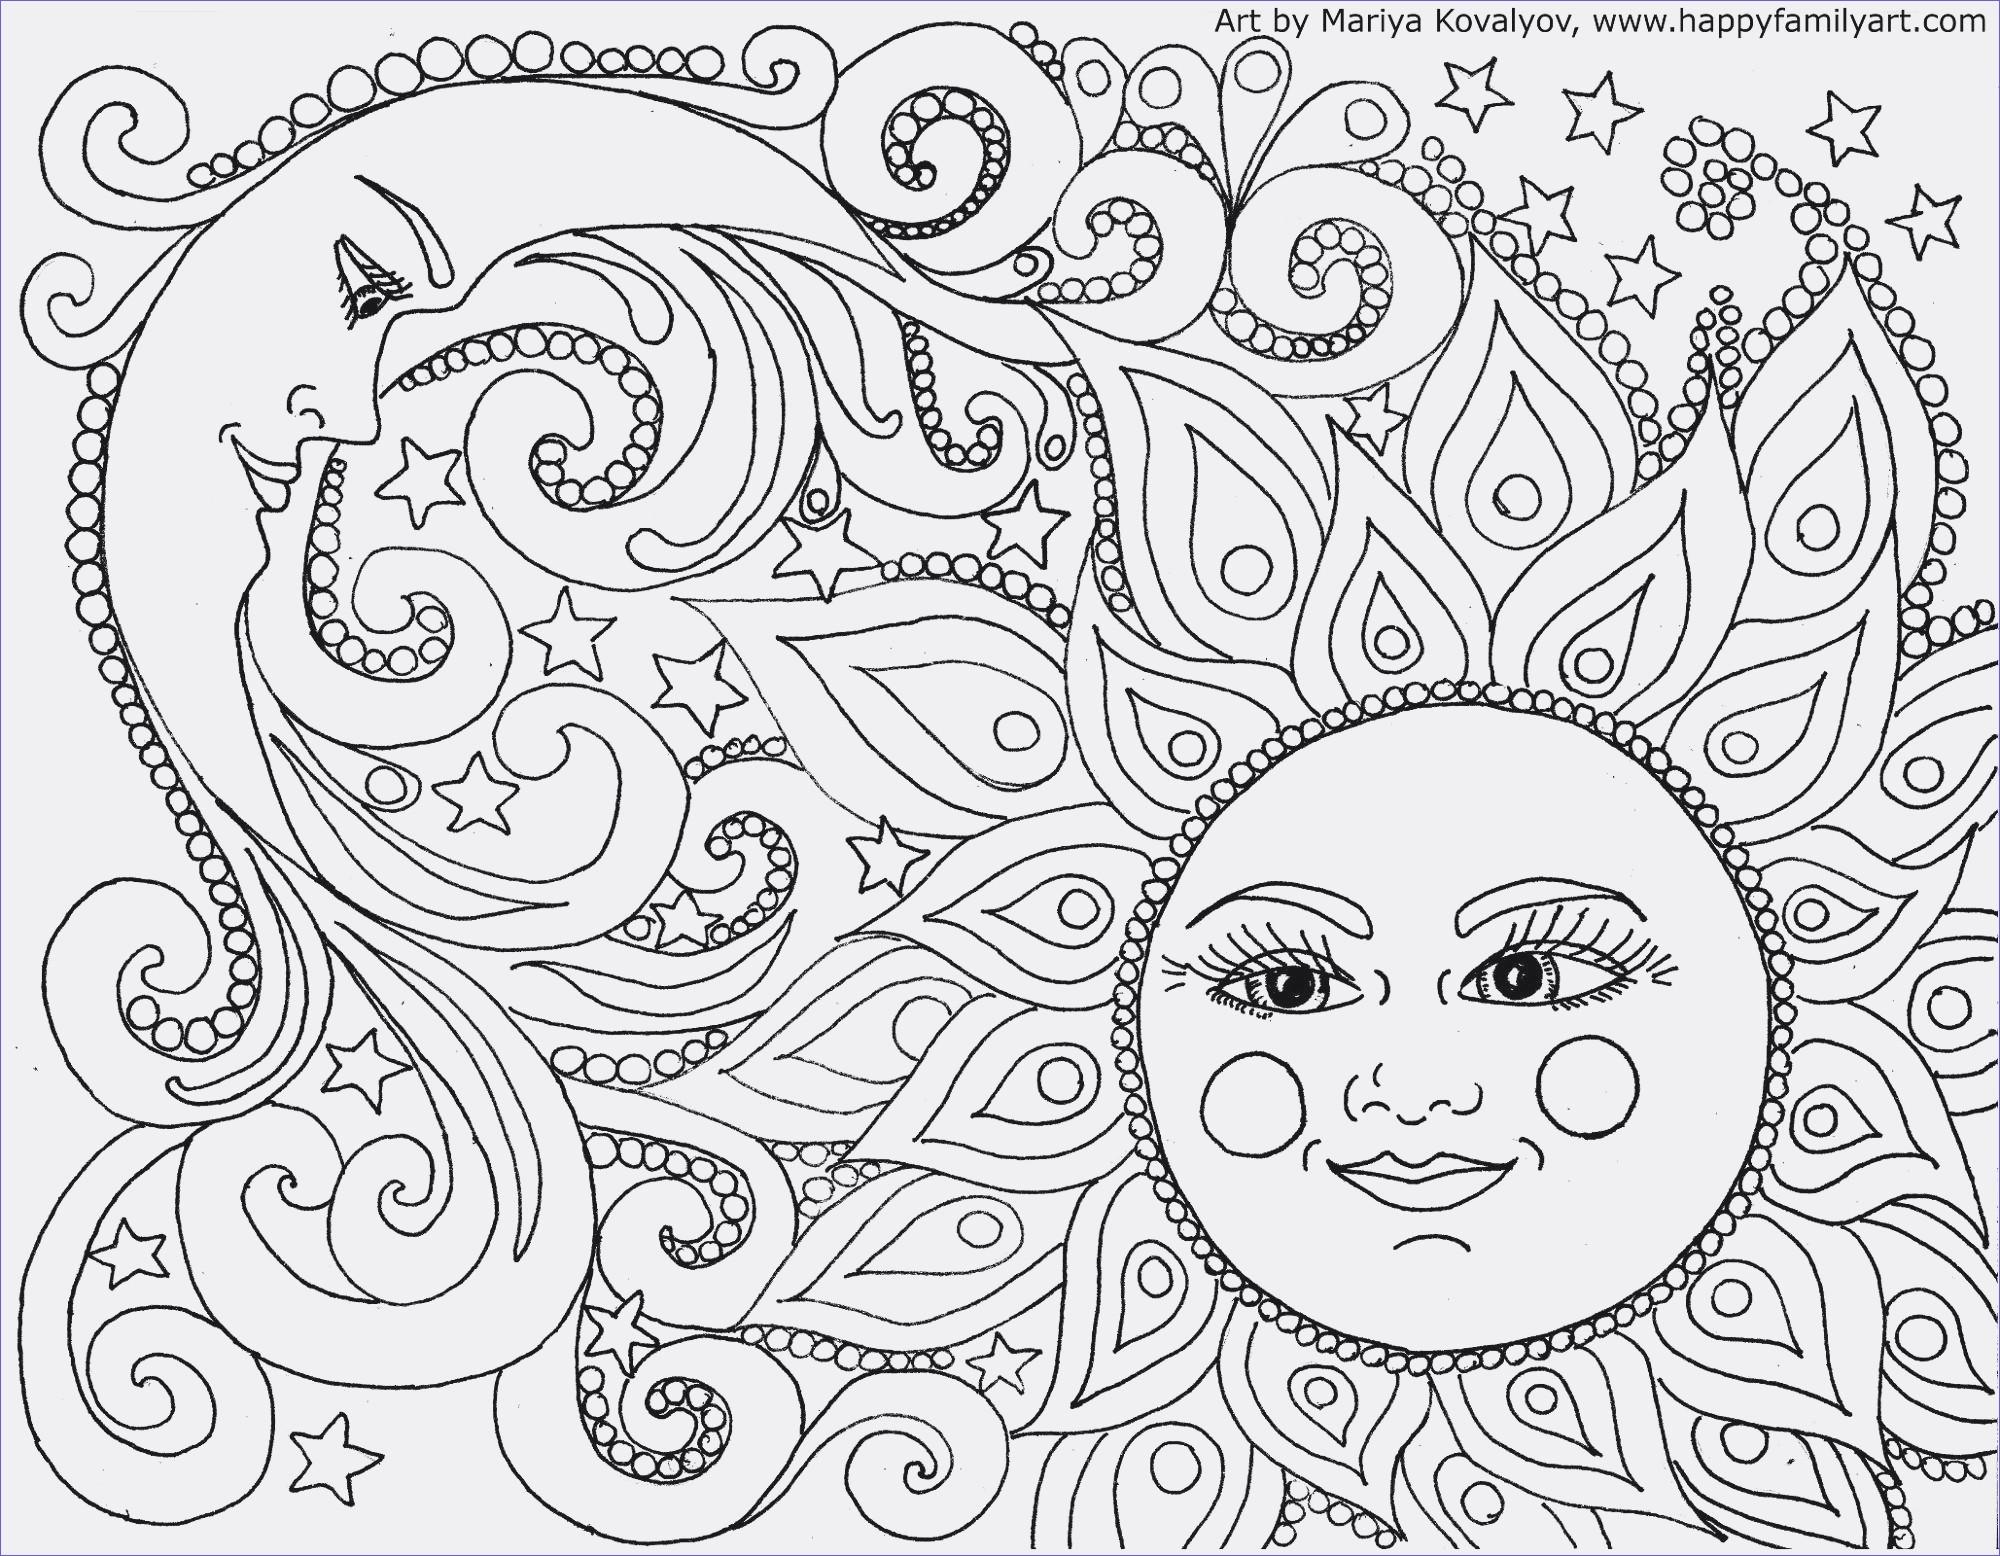 Mandala Zum Ausdrucken Erwachsene Einzigartig Ausmalbilder Mandala Eine Sammlung Von Färbung Bilder Malvorlagen F Das Bild